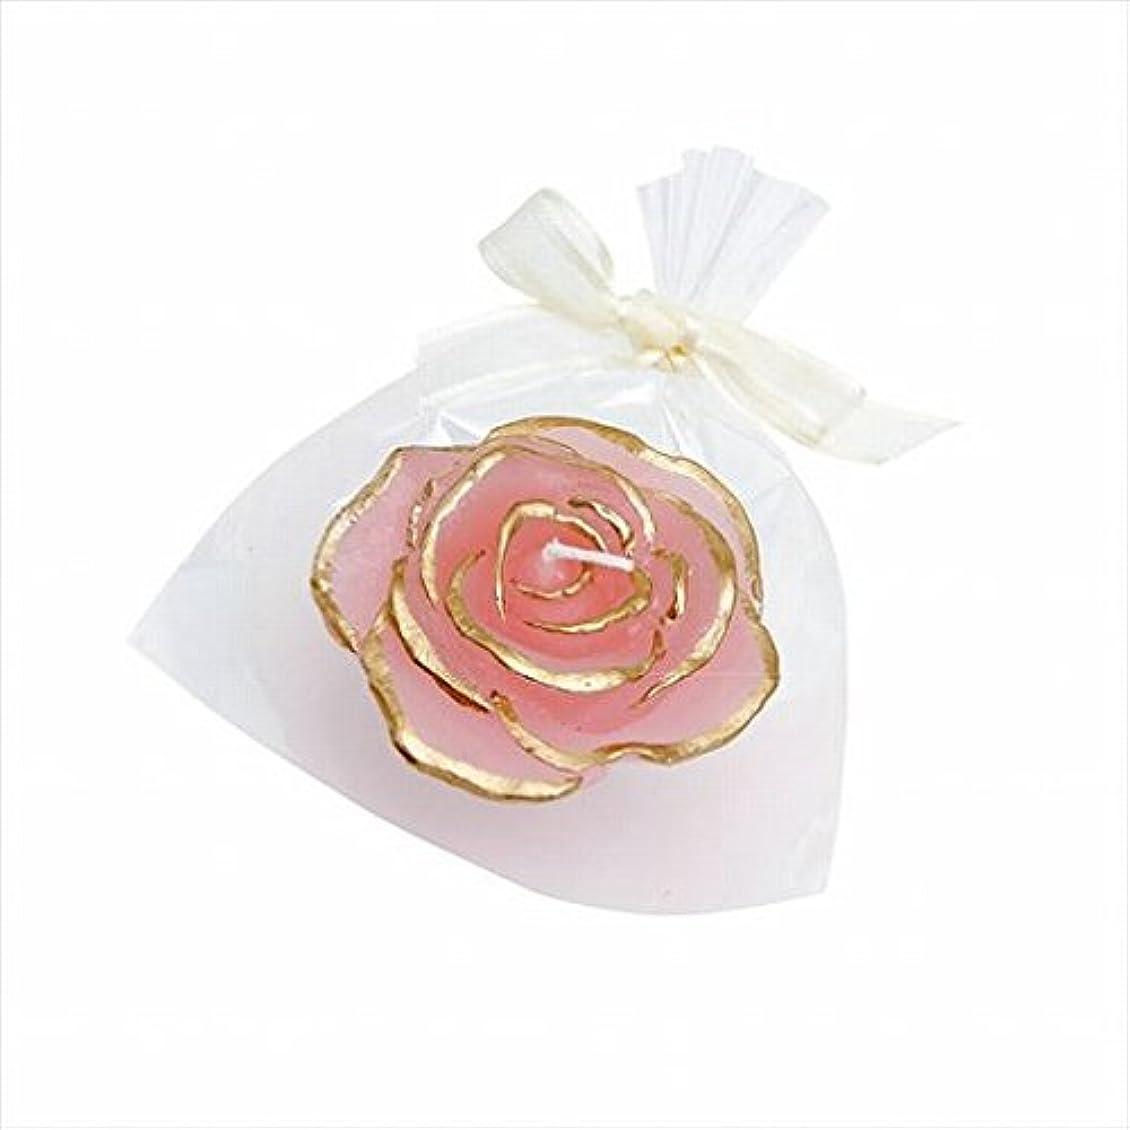 スタジオバケツイデオロギーカメヤマキャンドル(kameyama candle) プリンセスローズ 「 ピンク 」